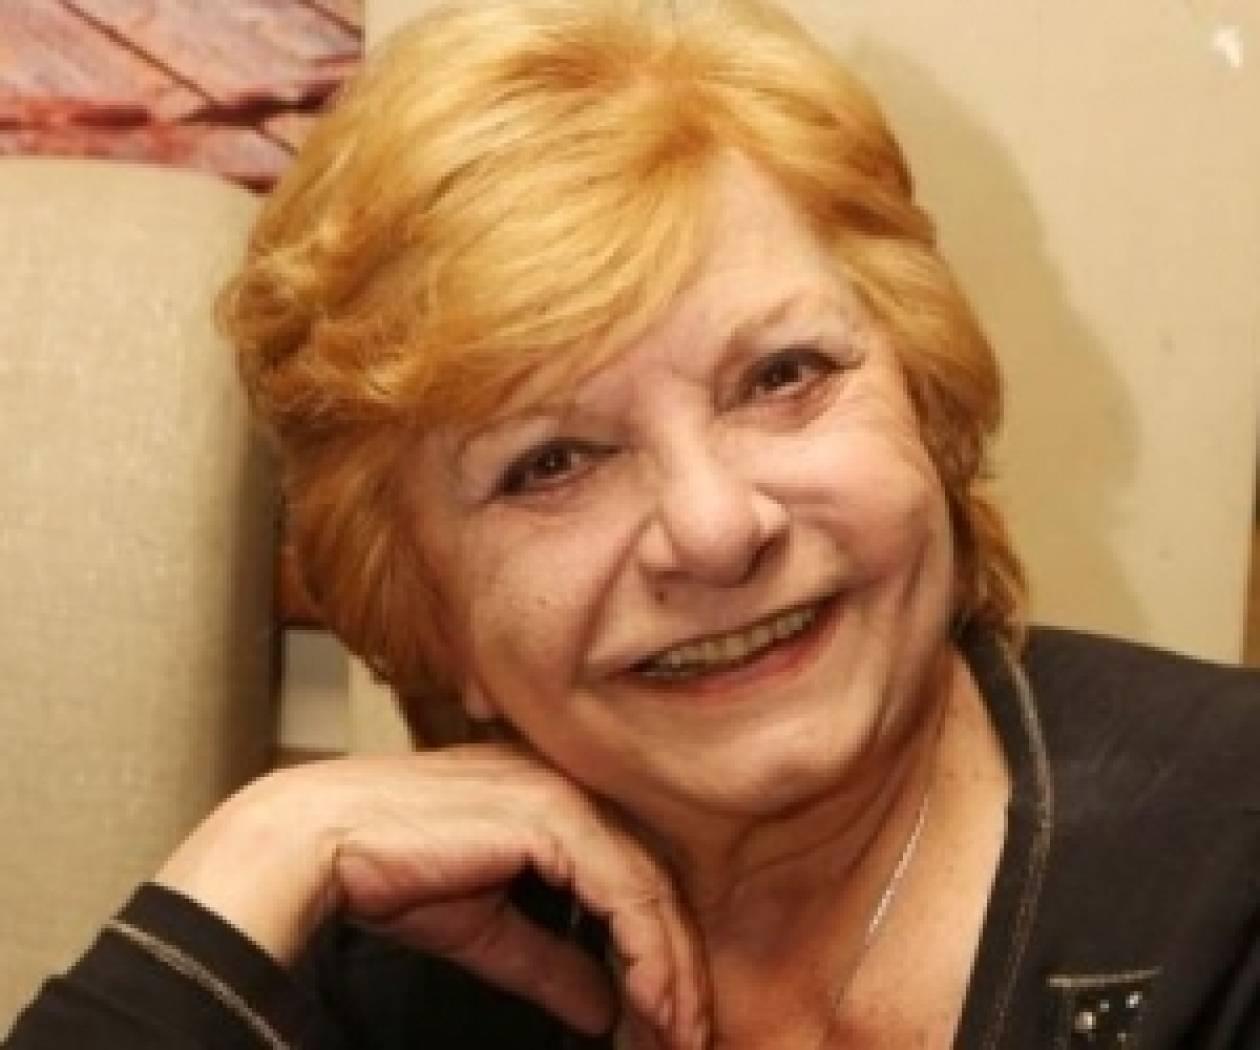 Σήμερα η κηδεία της Τζένης Βάνου